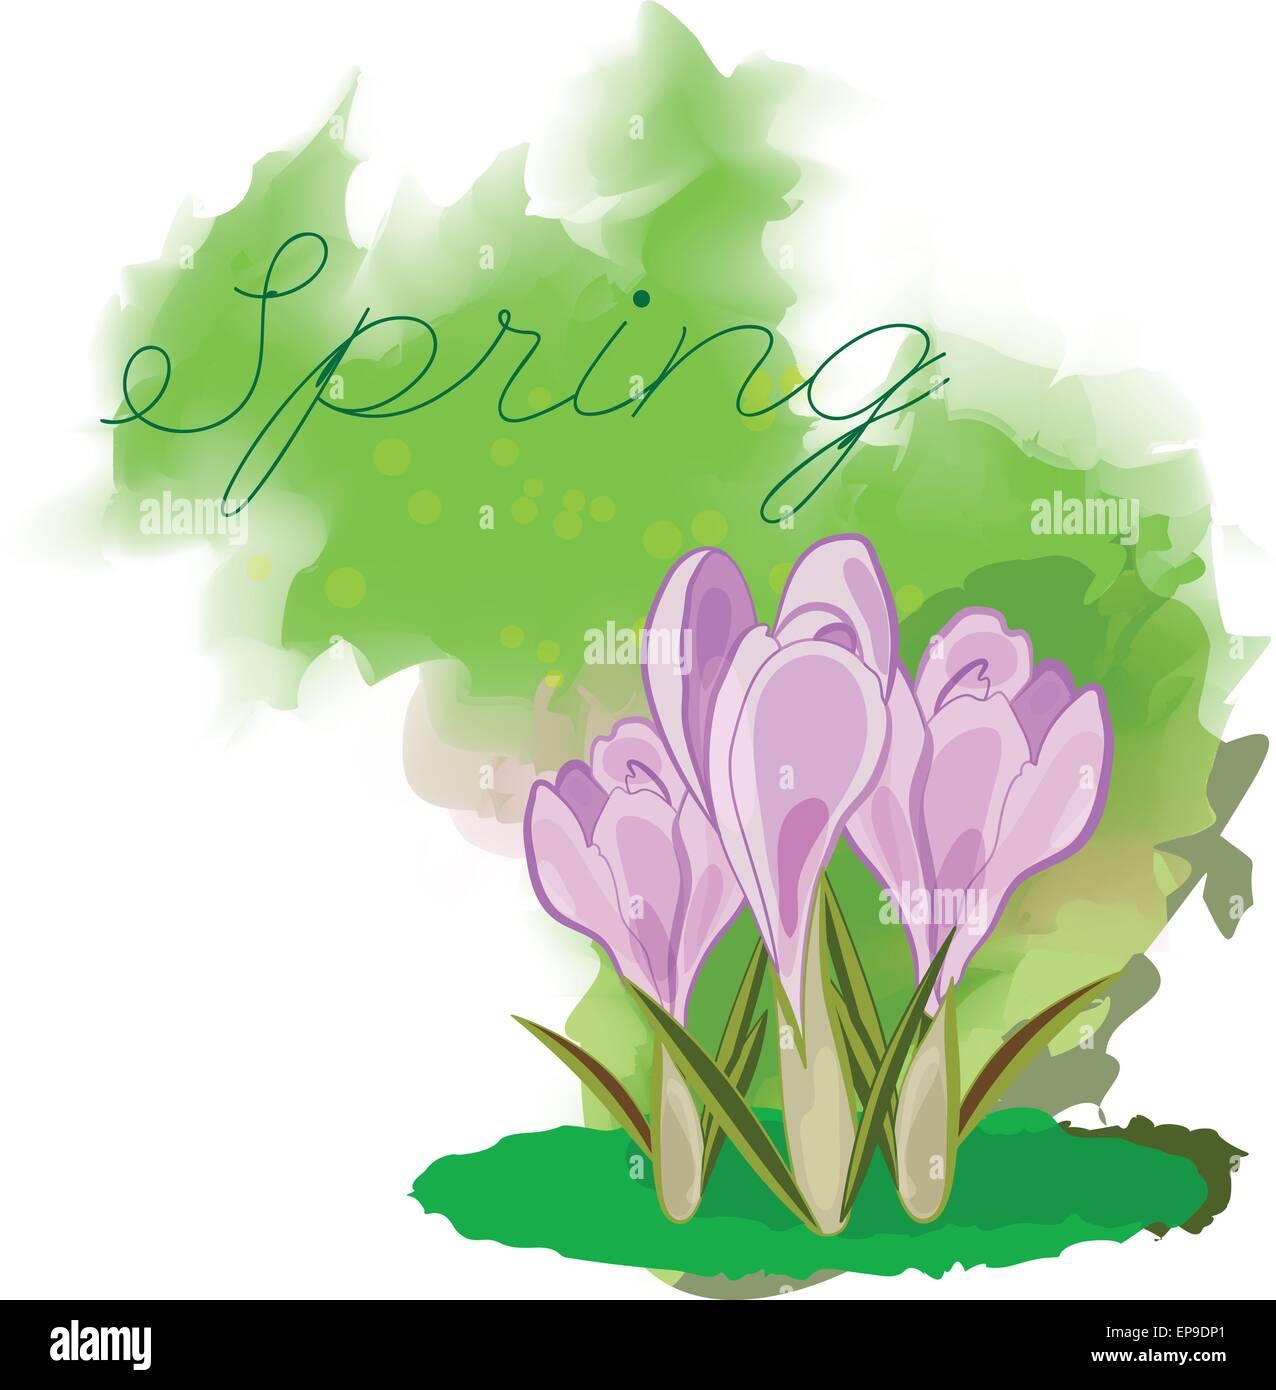 Frühling Blumen Krokus Grußkarte Für März 8 Poster Mit Blühenden